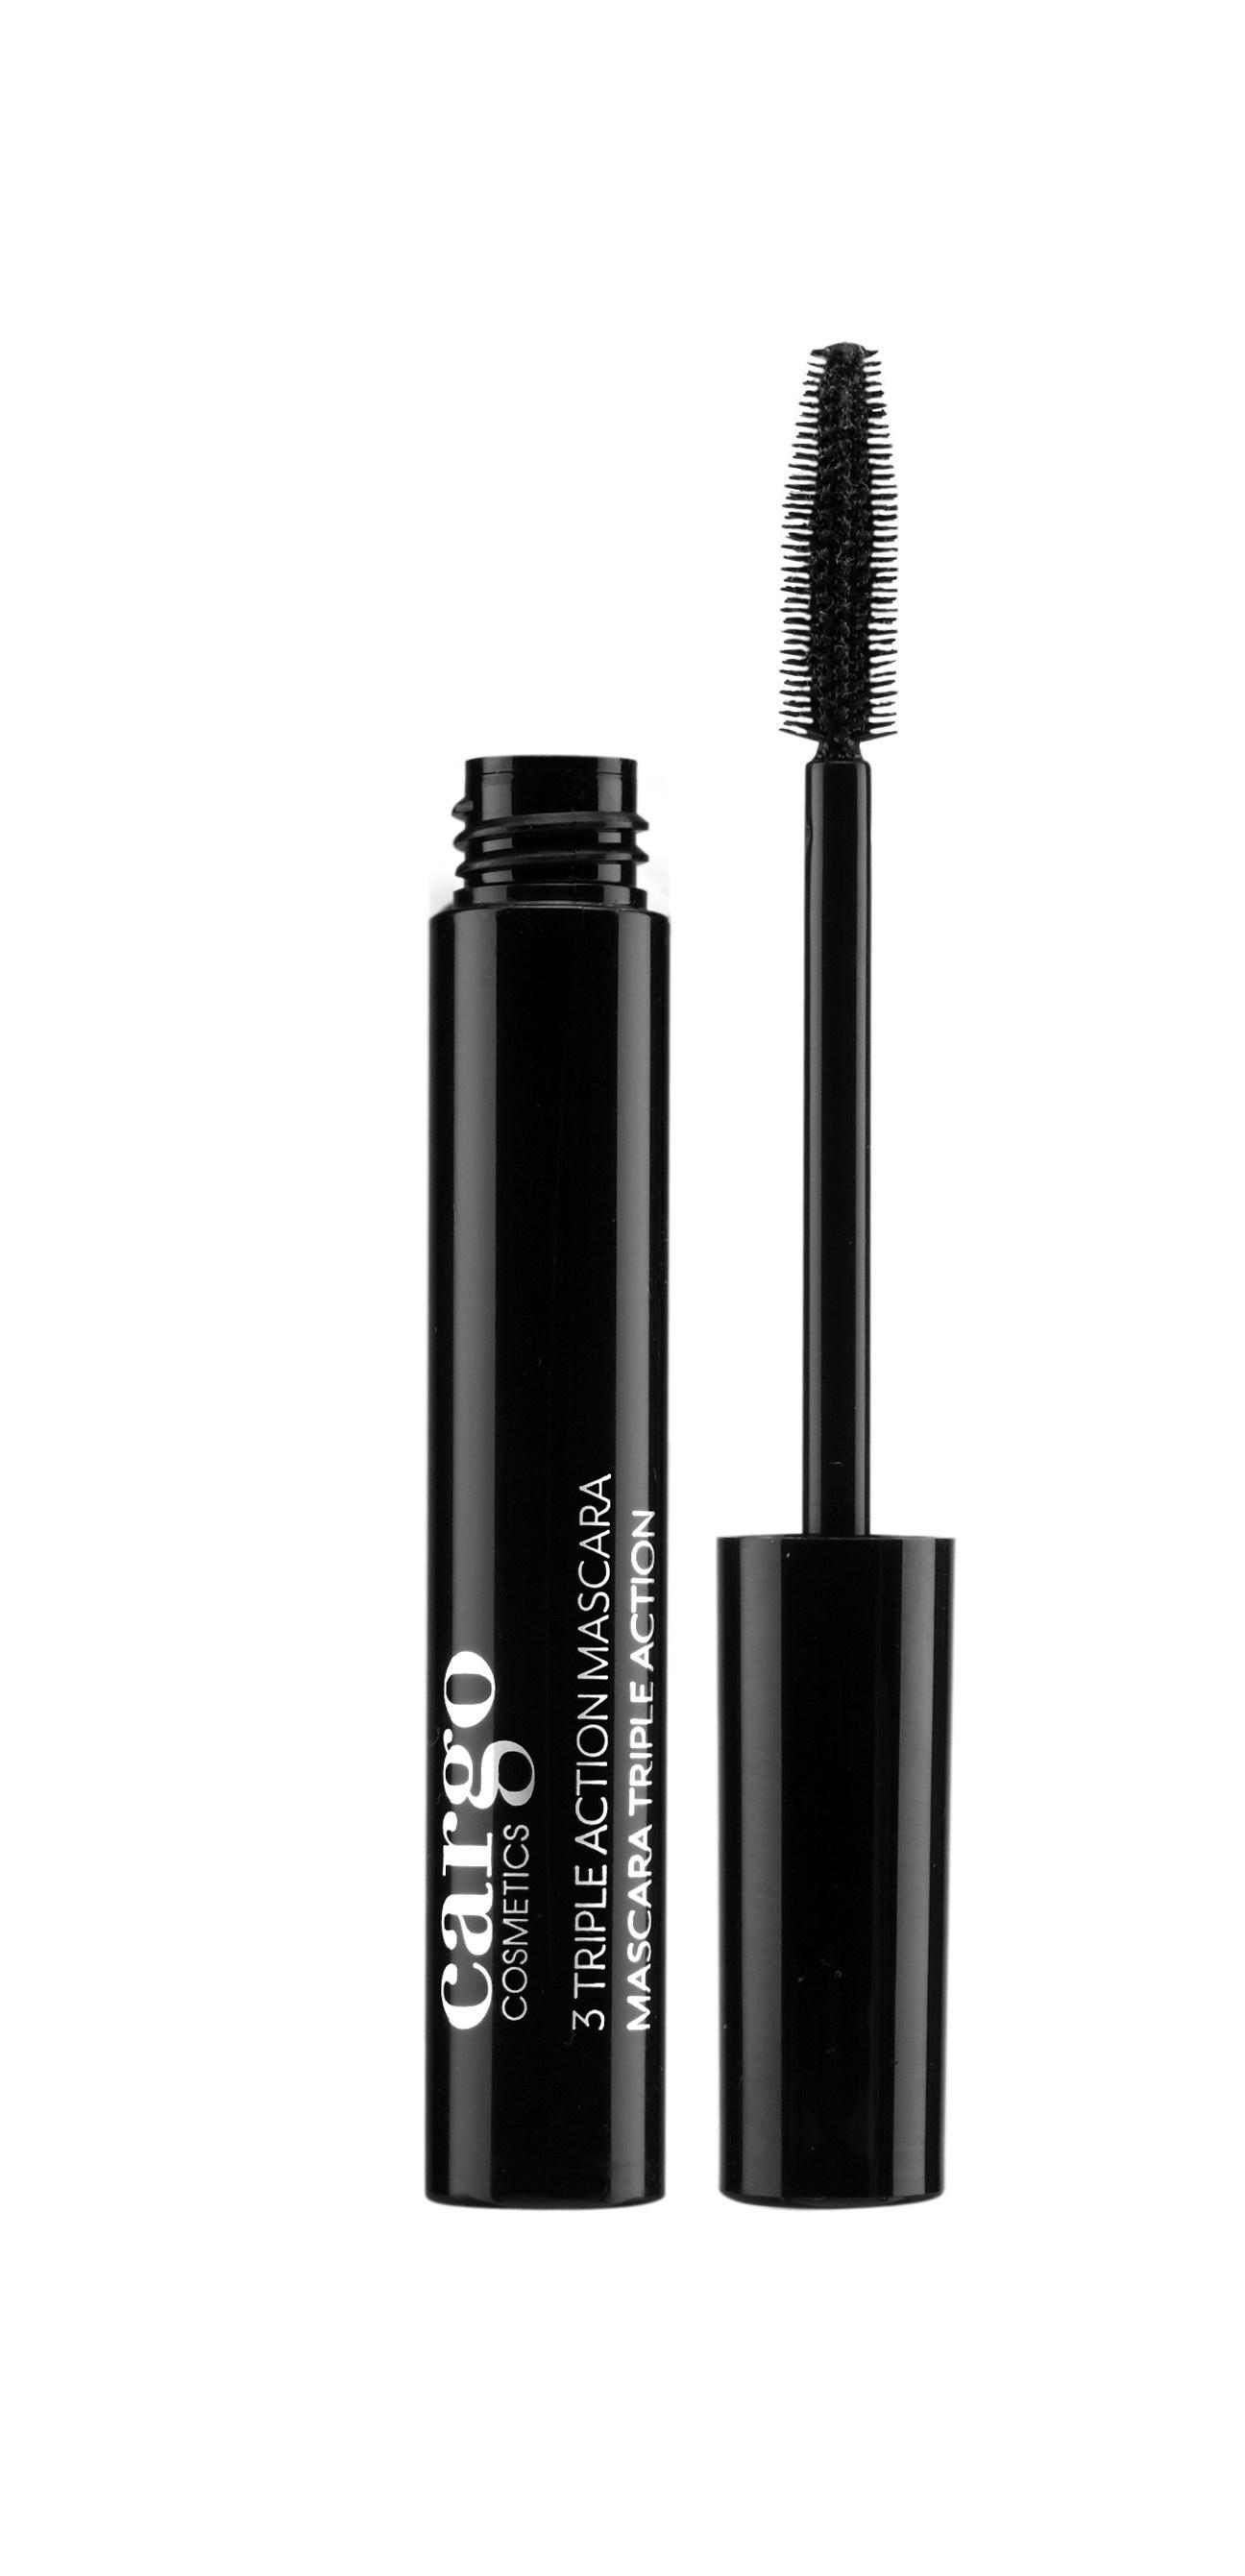 Тушь для ресниц CARGO Cosmetics Triple Action Mascara оттенок Black